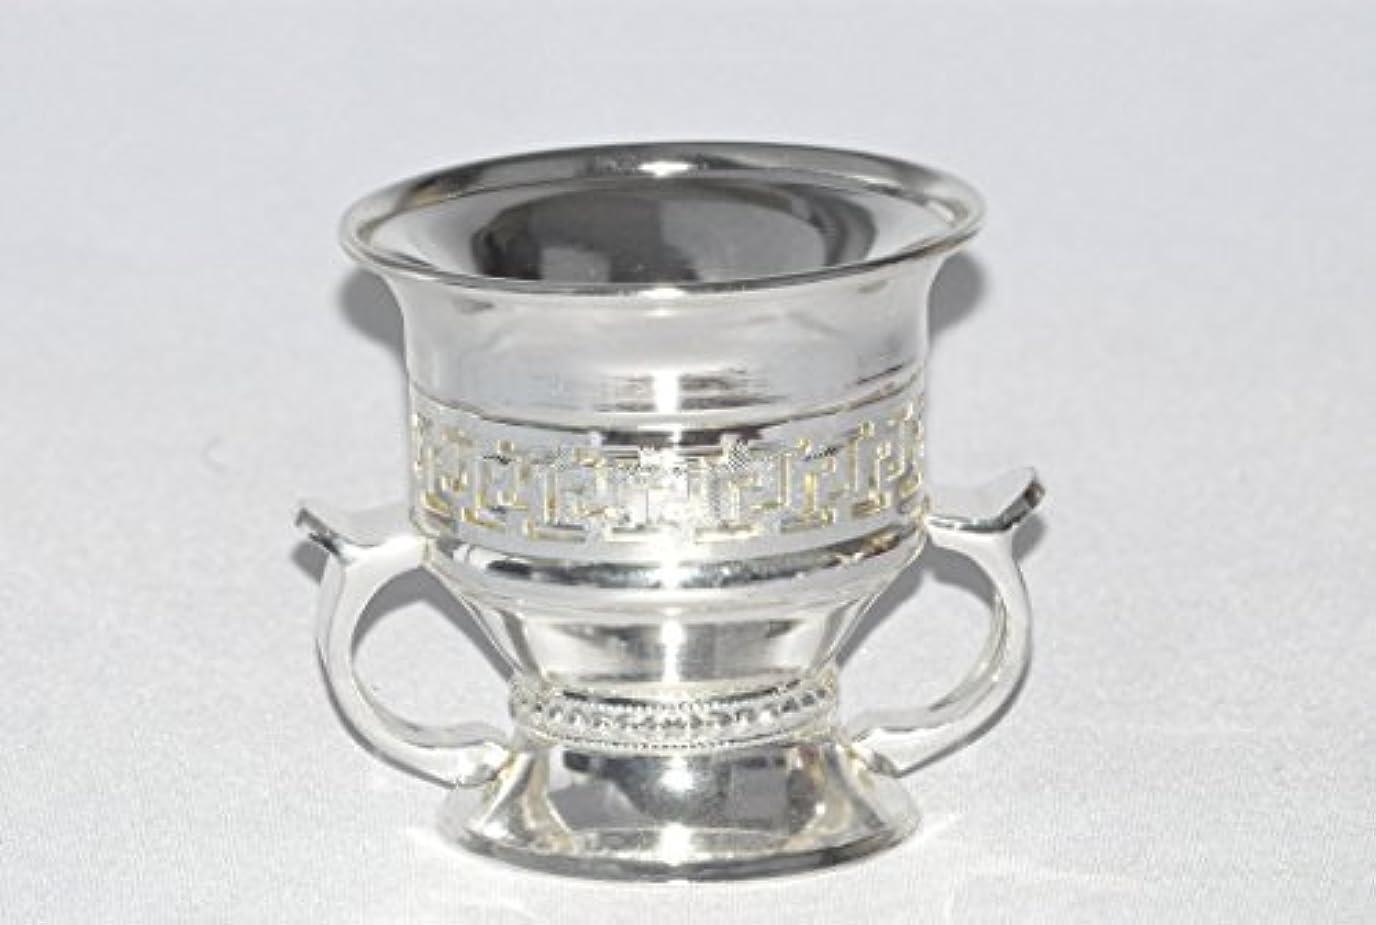 証明するサロン発動機Arabia Incense / bakhoor Burner ( Mabkhara ) – Oud Burner、シルバーメタル、トレイInside – USA Seller